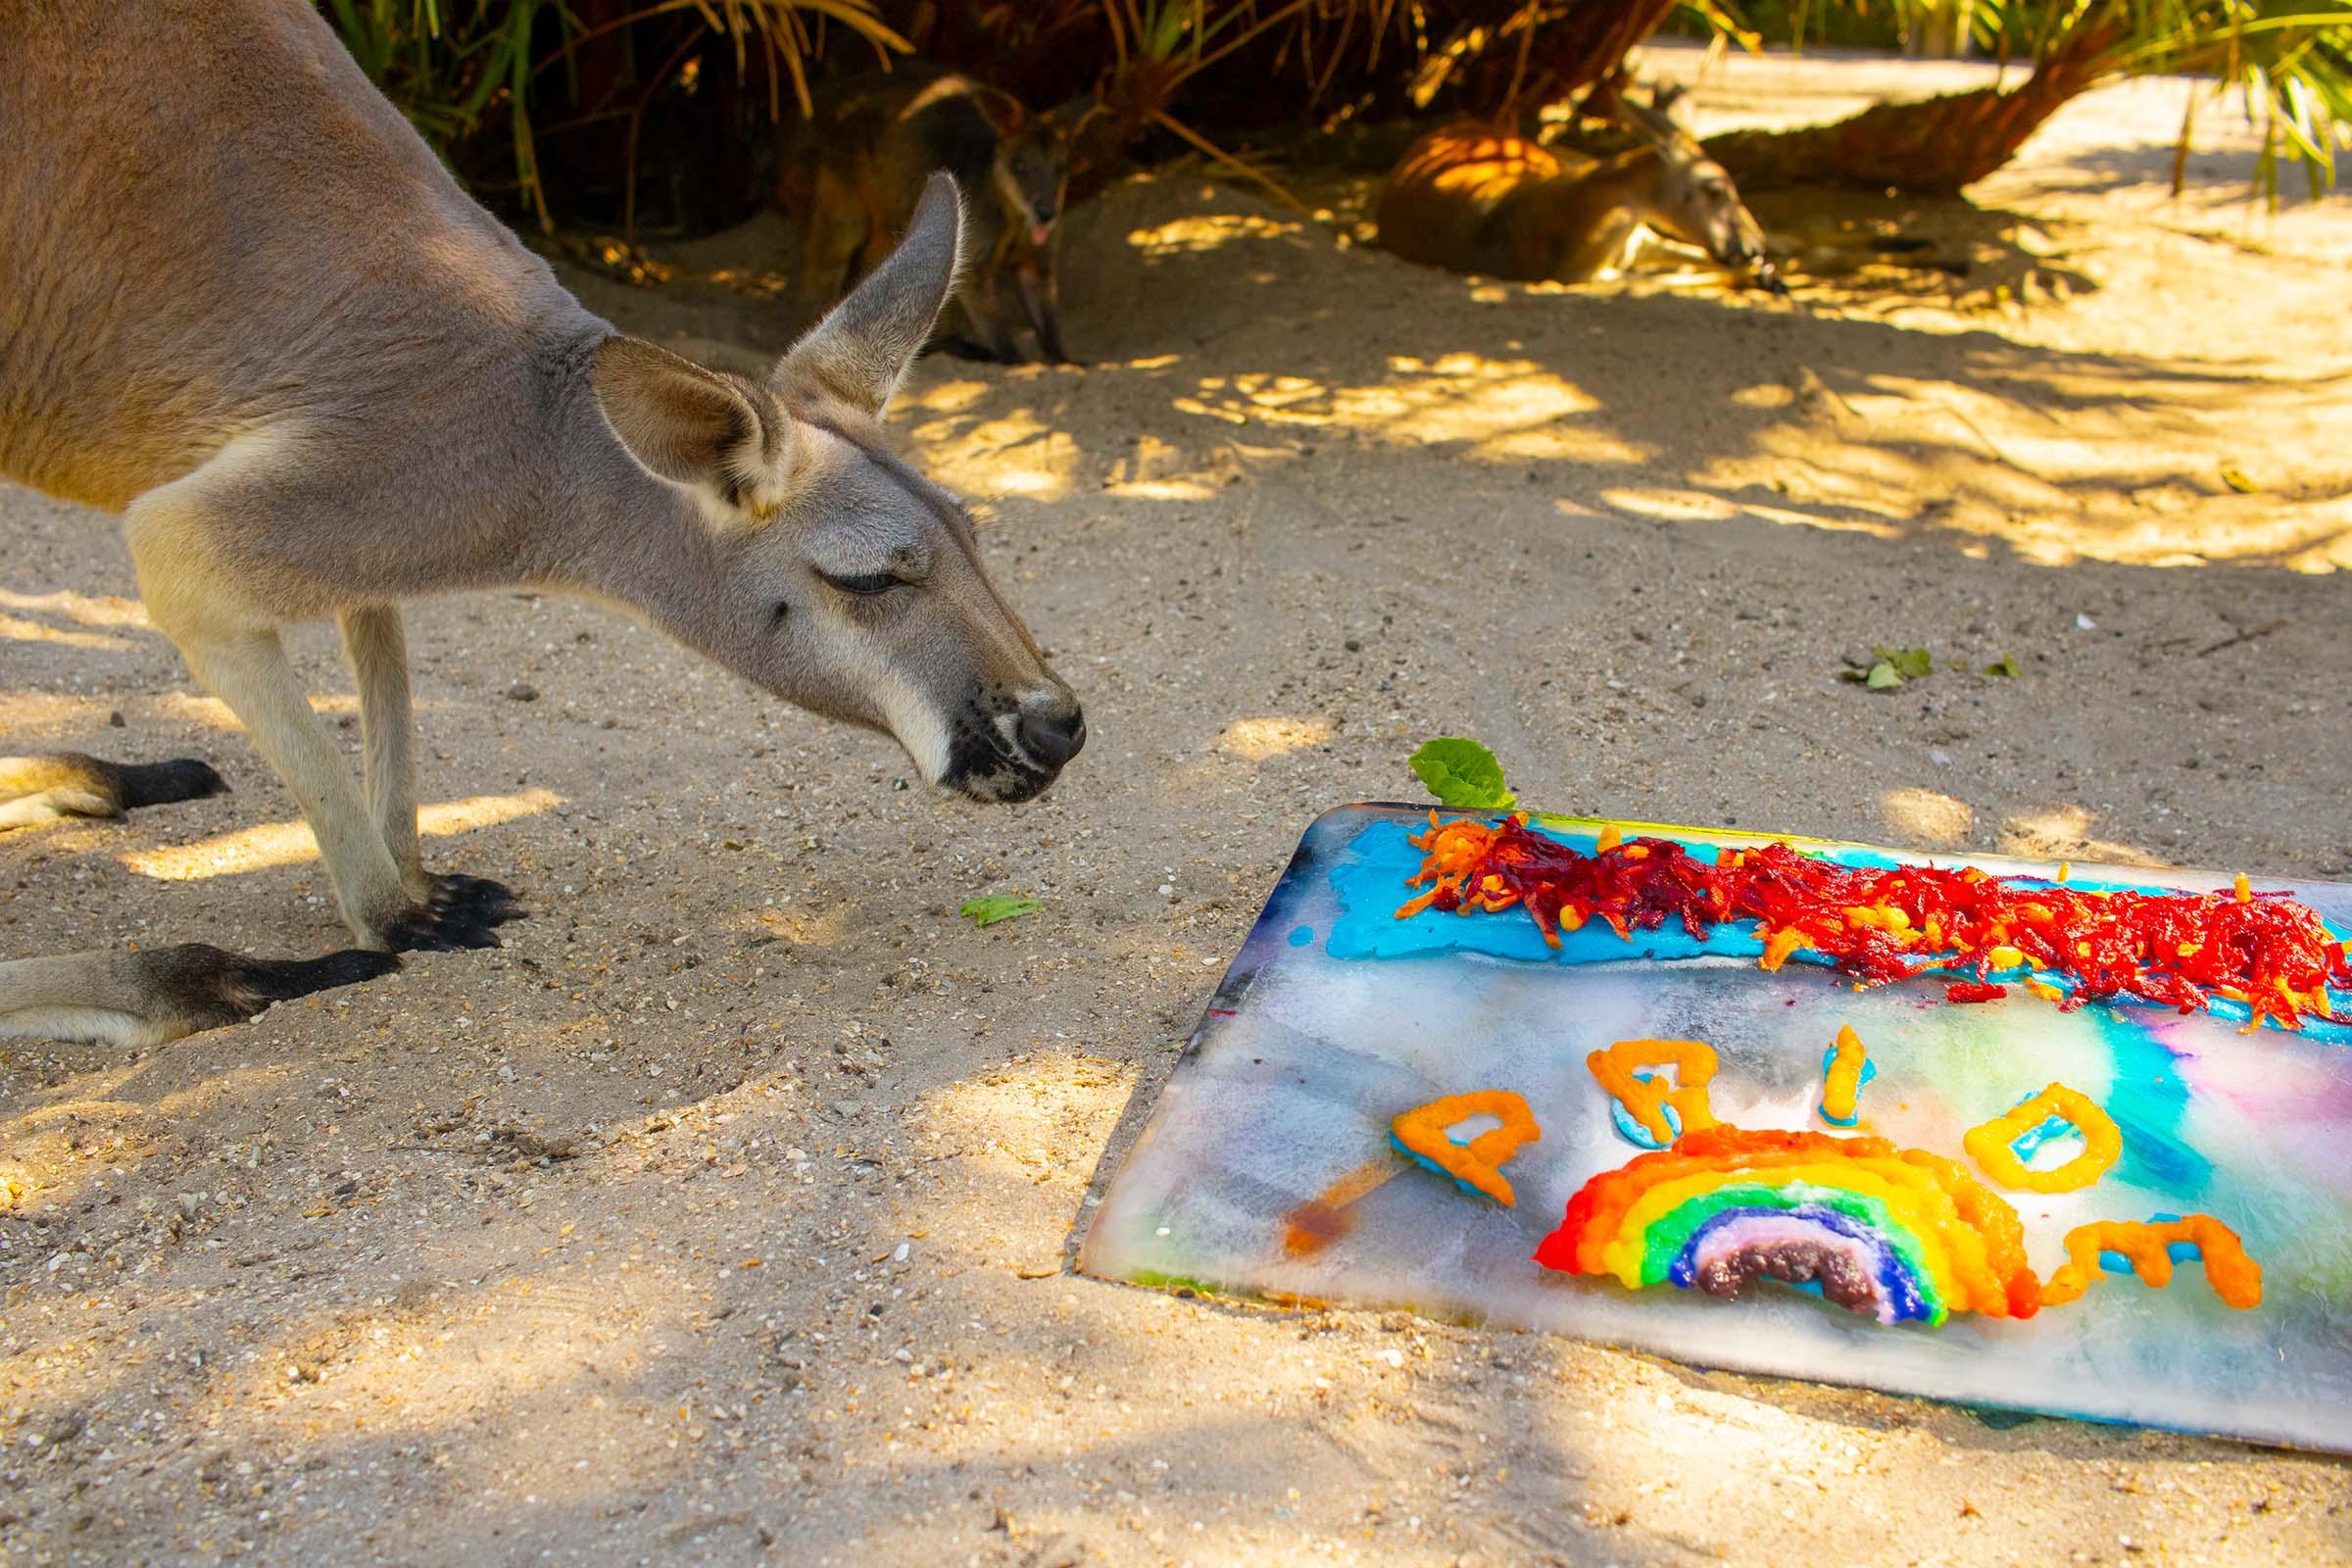 Kangaroo enrichment at Brevard Zoo